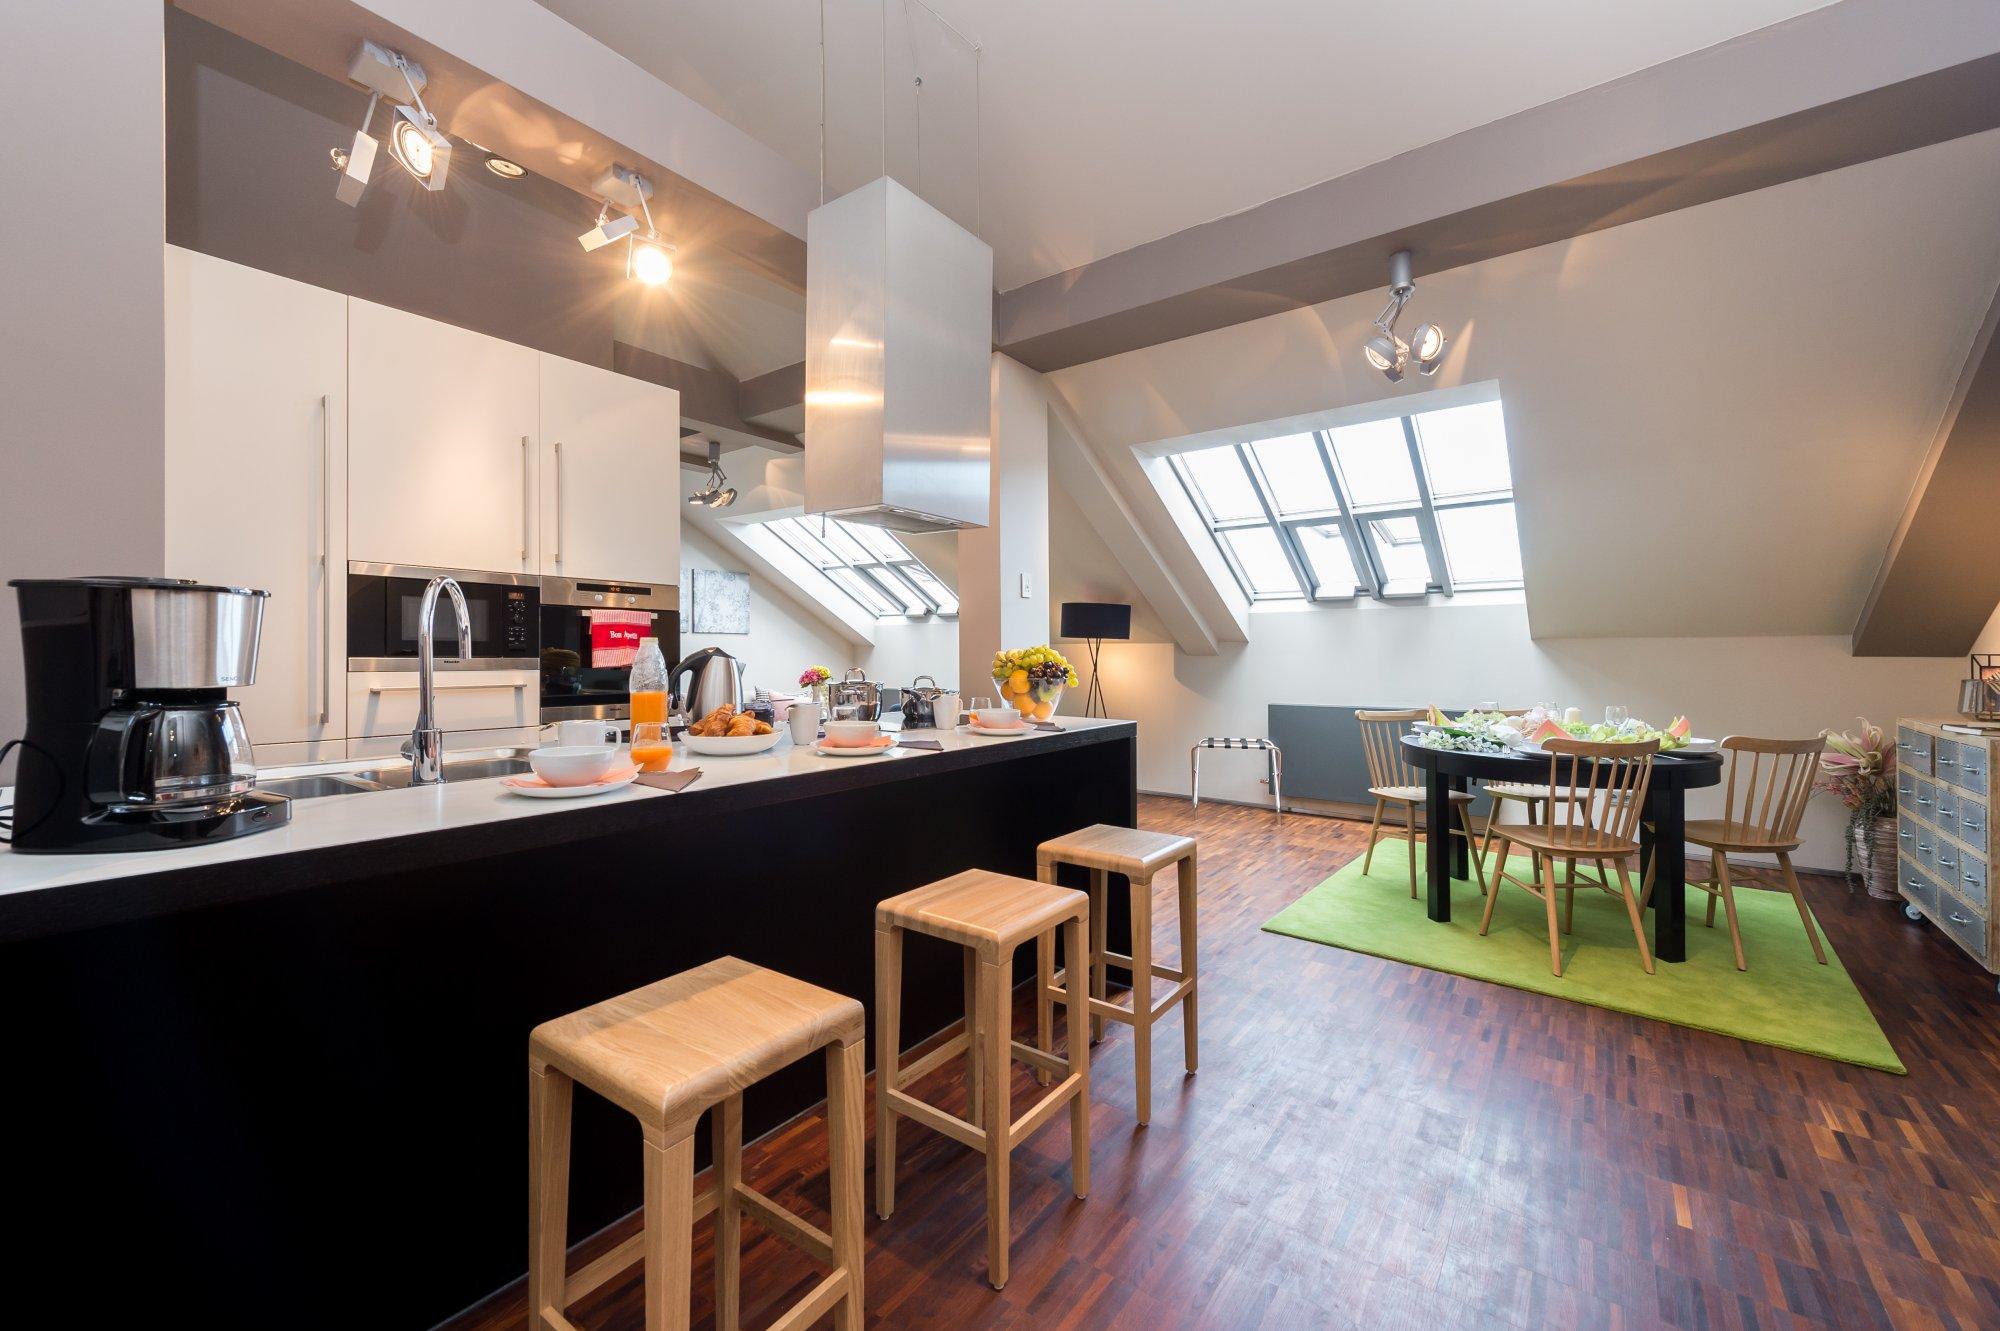 Půdní byt 2+kk, plocha 113 m², ulice Soukenická, Praha 1 - Nové Město | 1